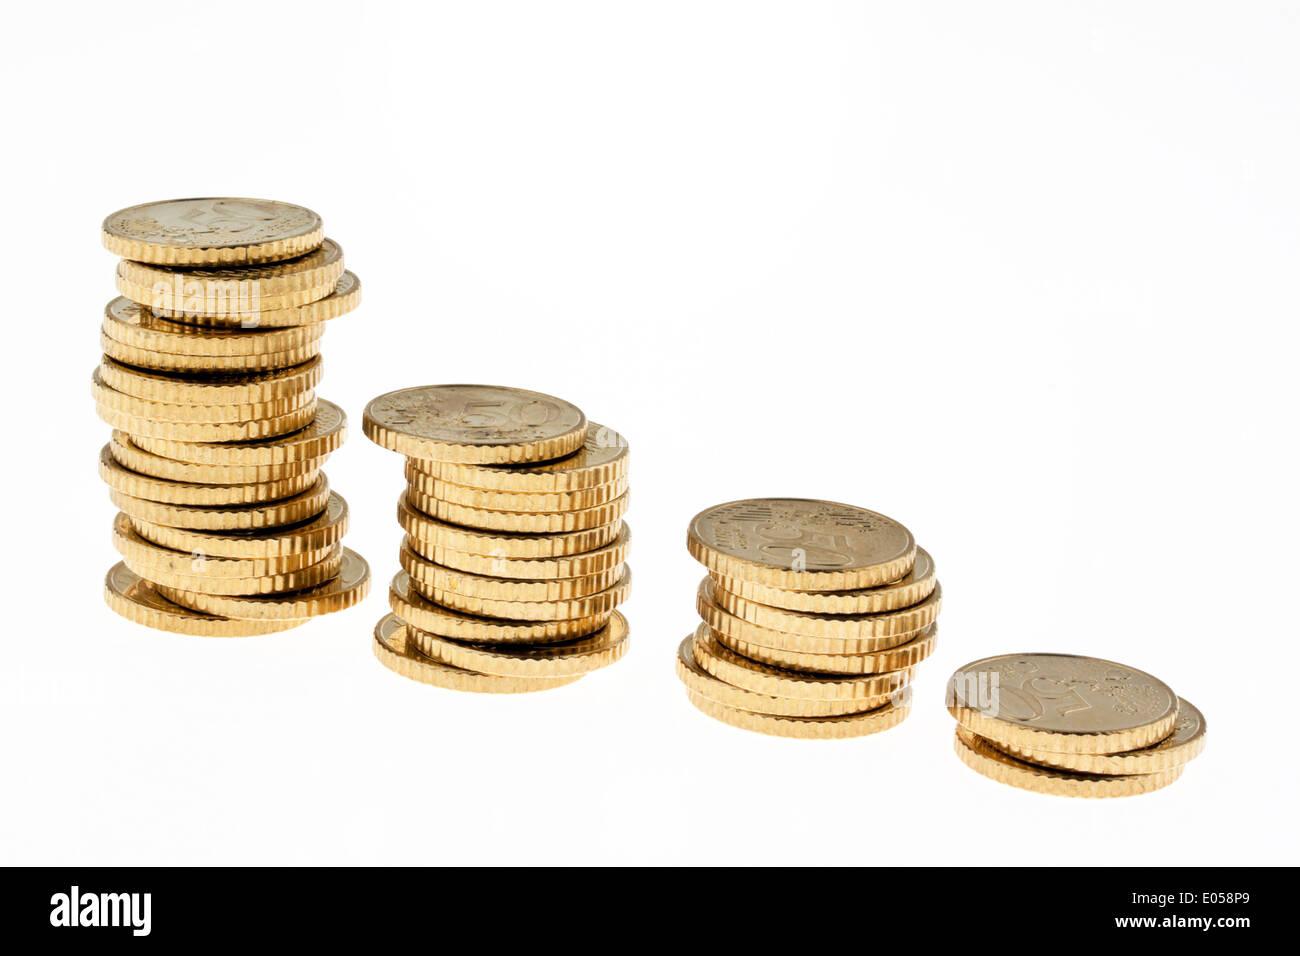 Several coin piles of eurocoins. Isolated on white background, Mehrere Muenzstapel von Euromuenzen. Isoliert auf weissem Hinterg - Stock Image